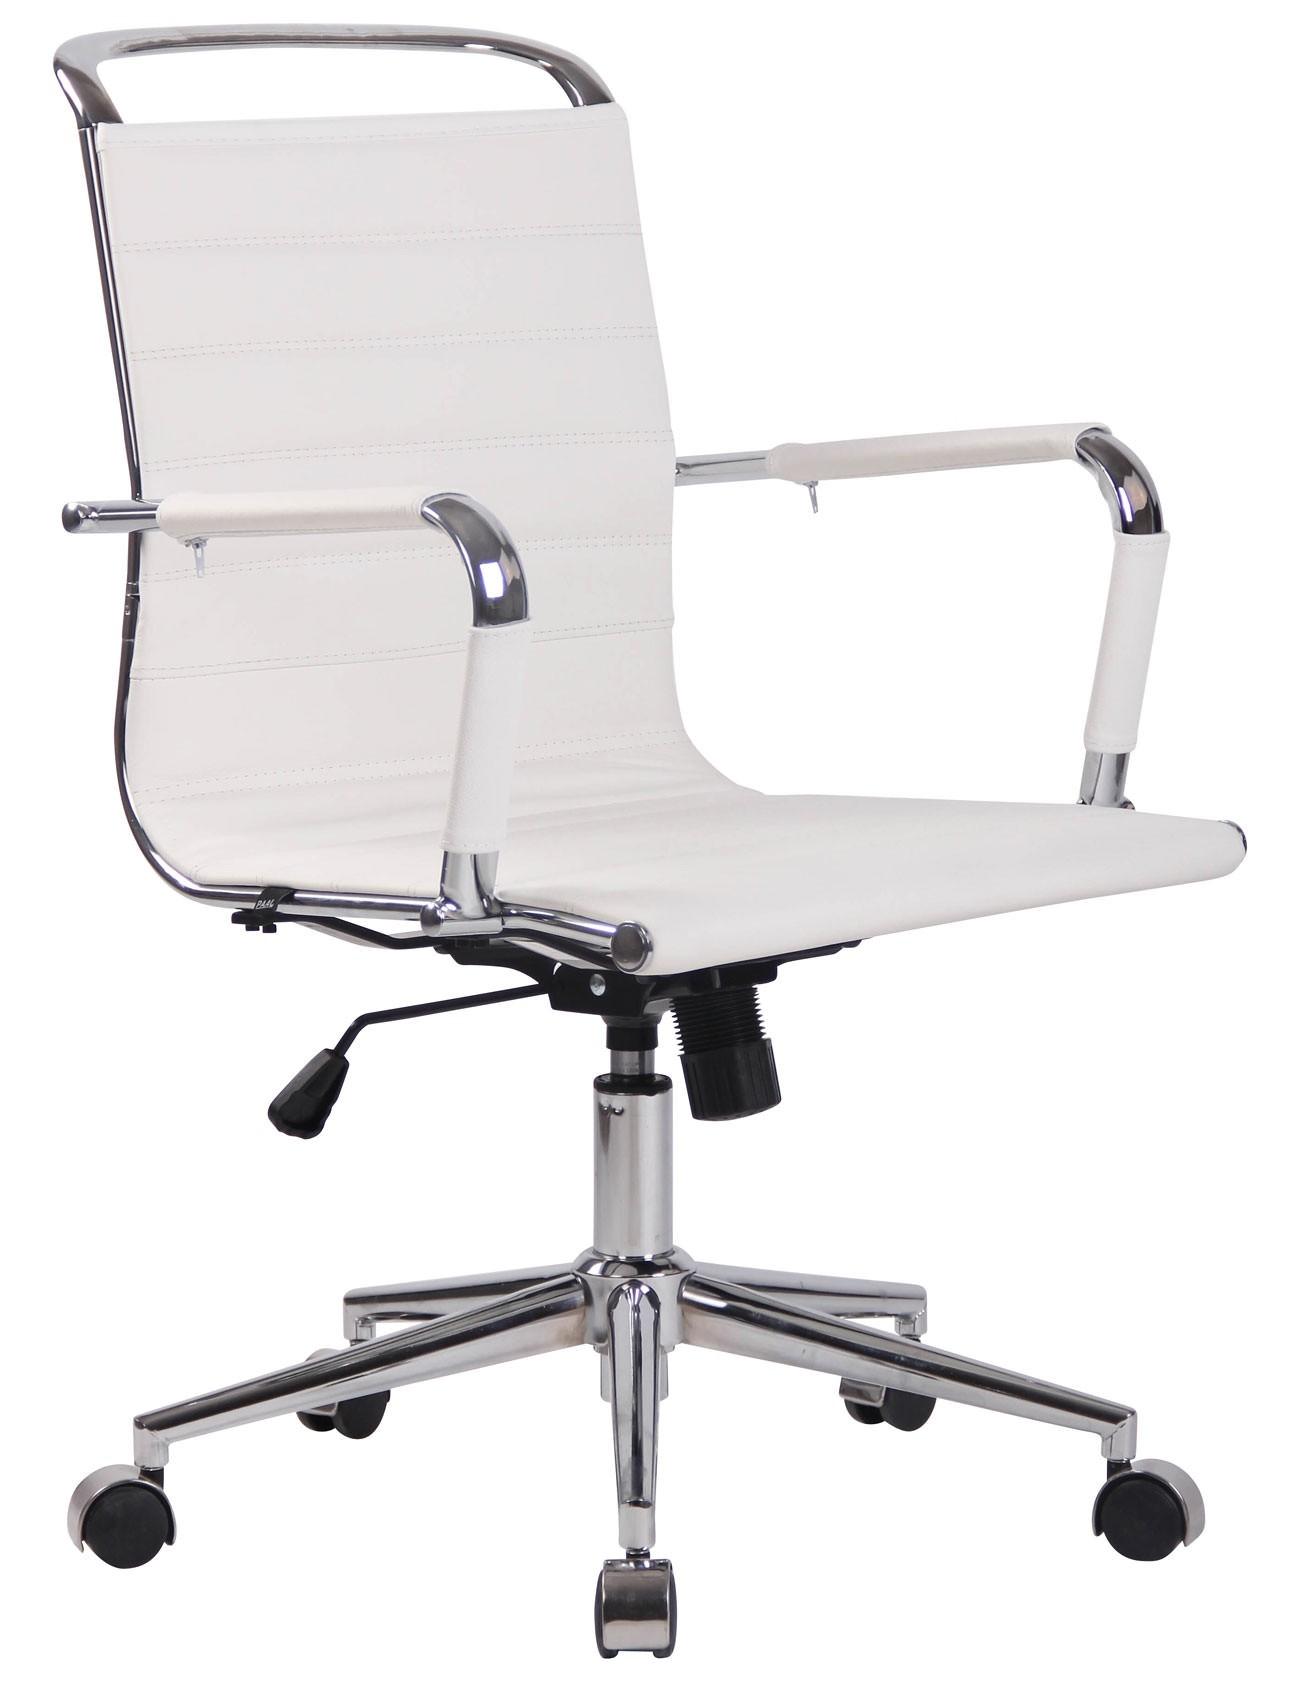 Chaise de bureau Barton en similicuir ou cuir véritable